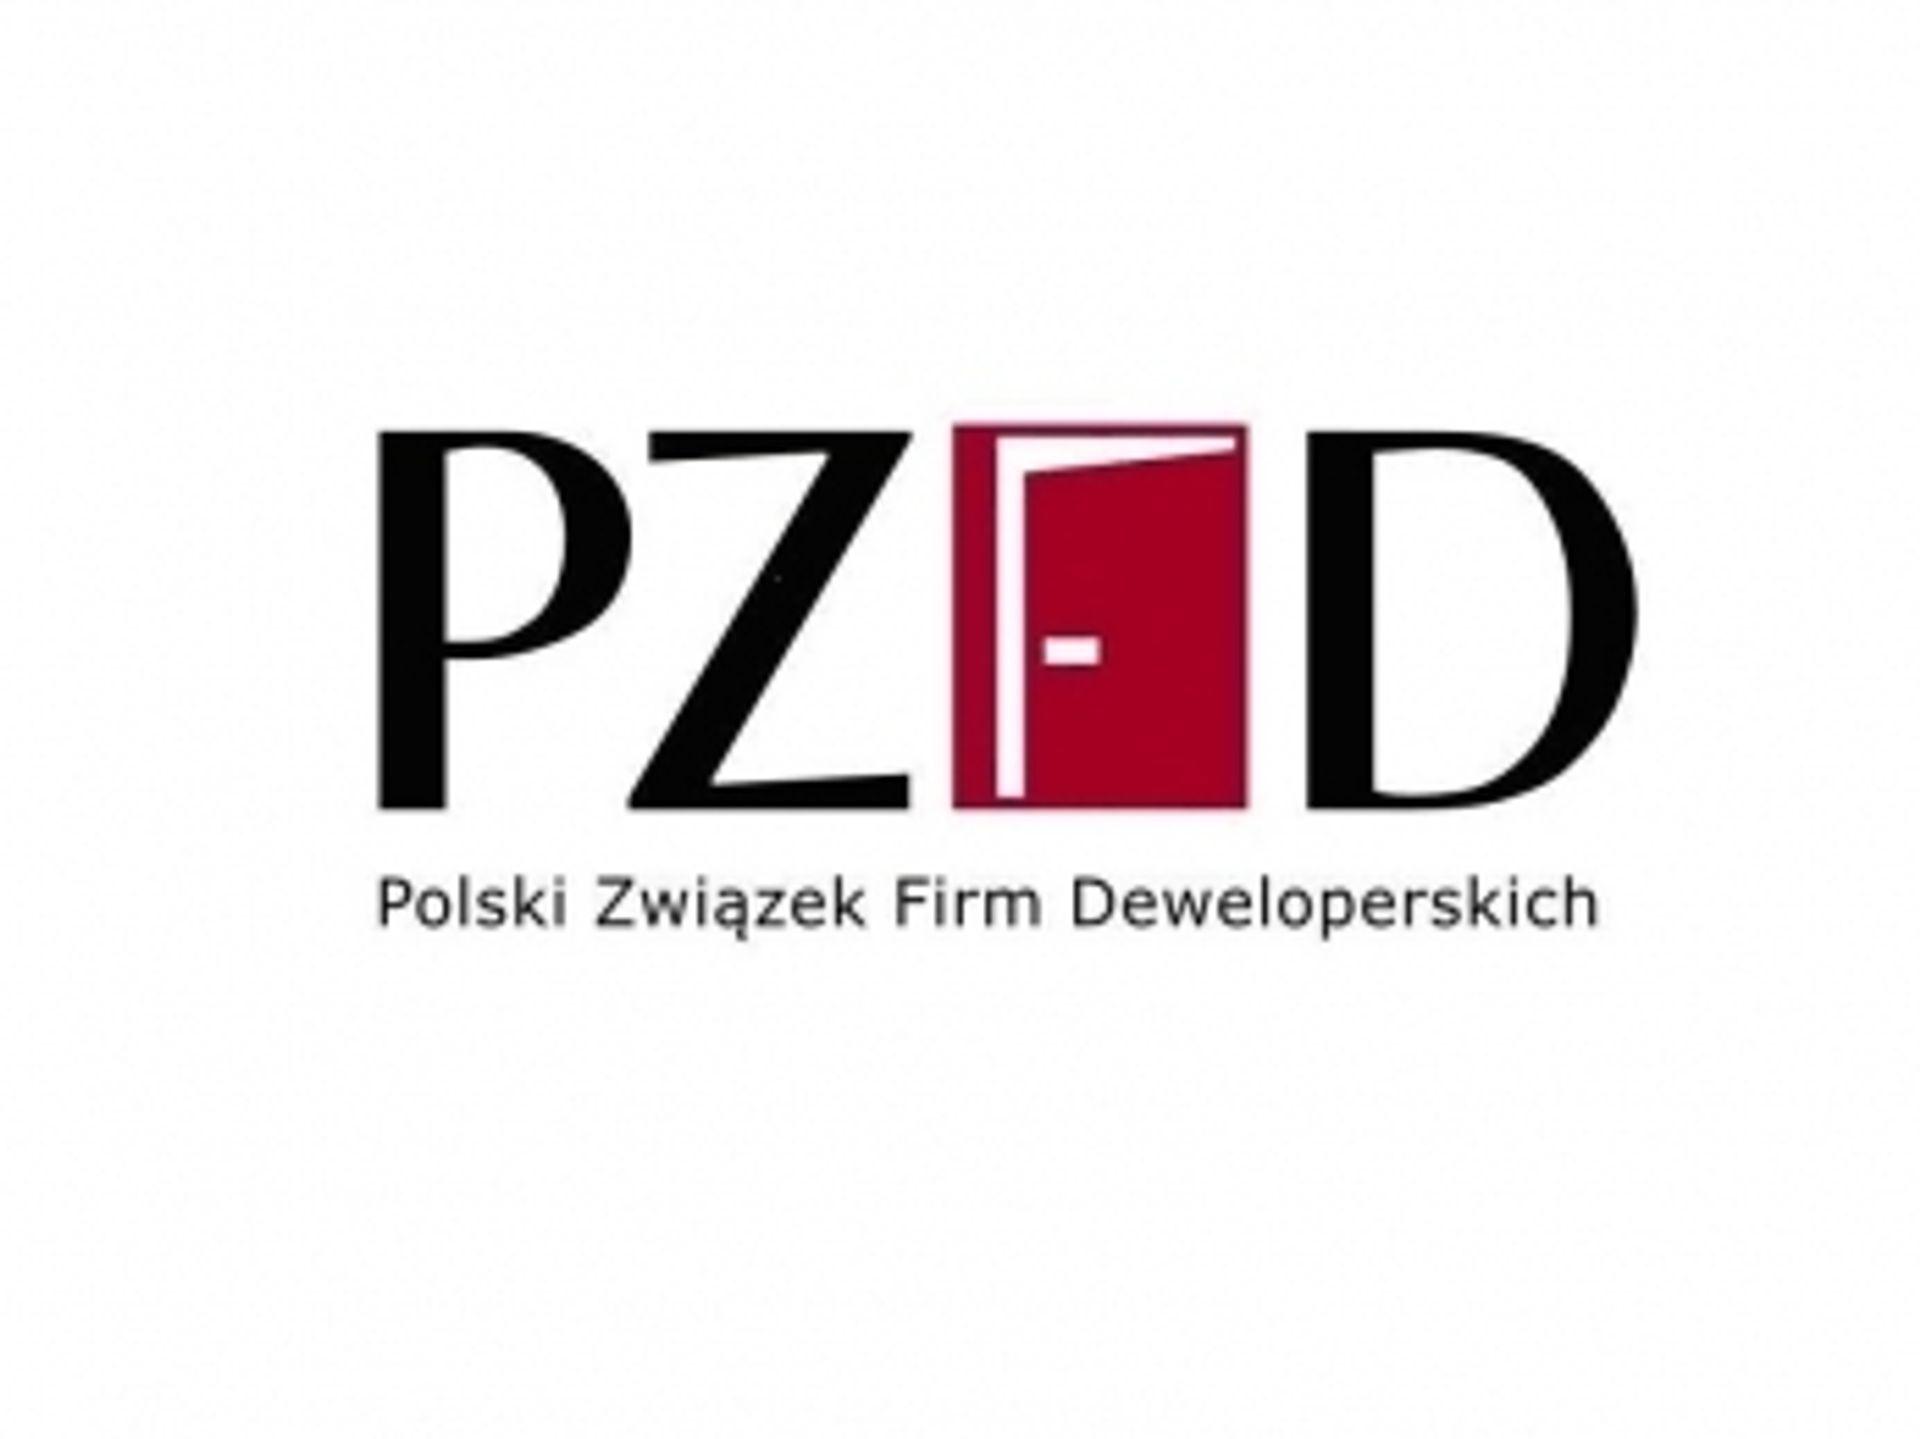 [Polska] Deweloperzy ocenili sprawność działania urzędów